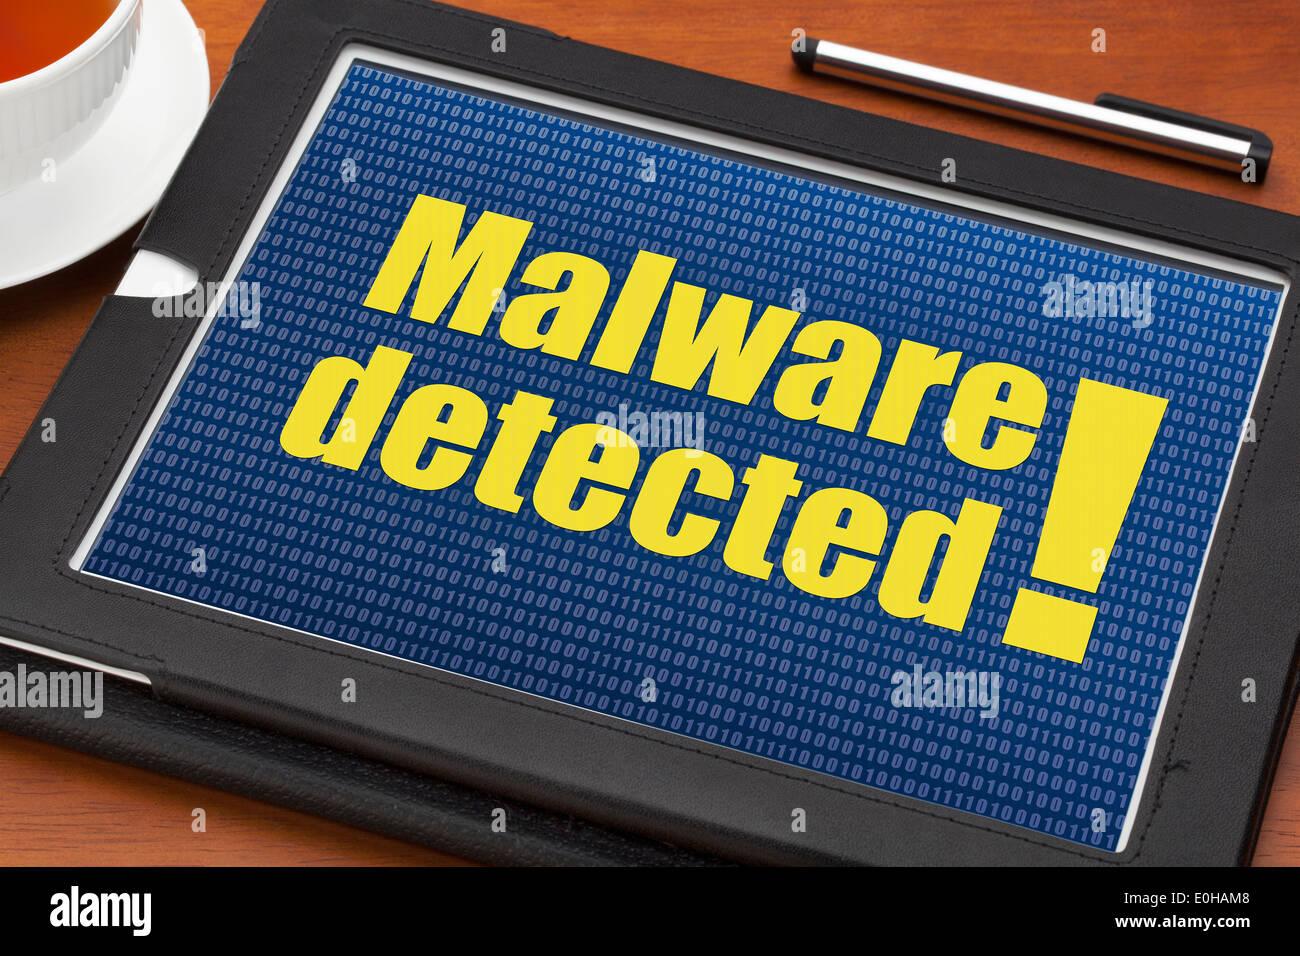 Malware erkannt Warnung auf einem digitalen Tablet mit einer Tasse Tee Stockbild